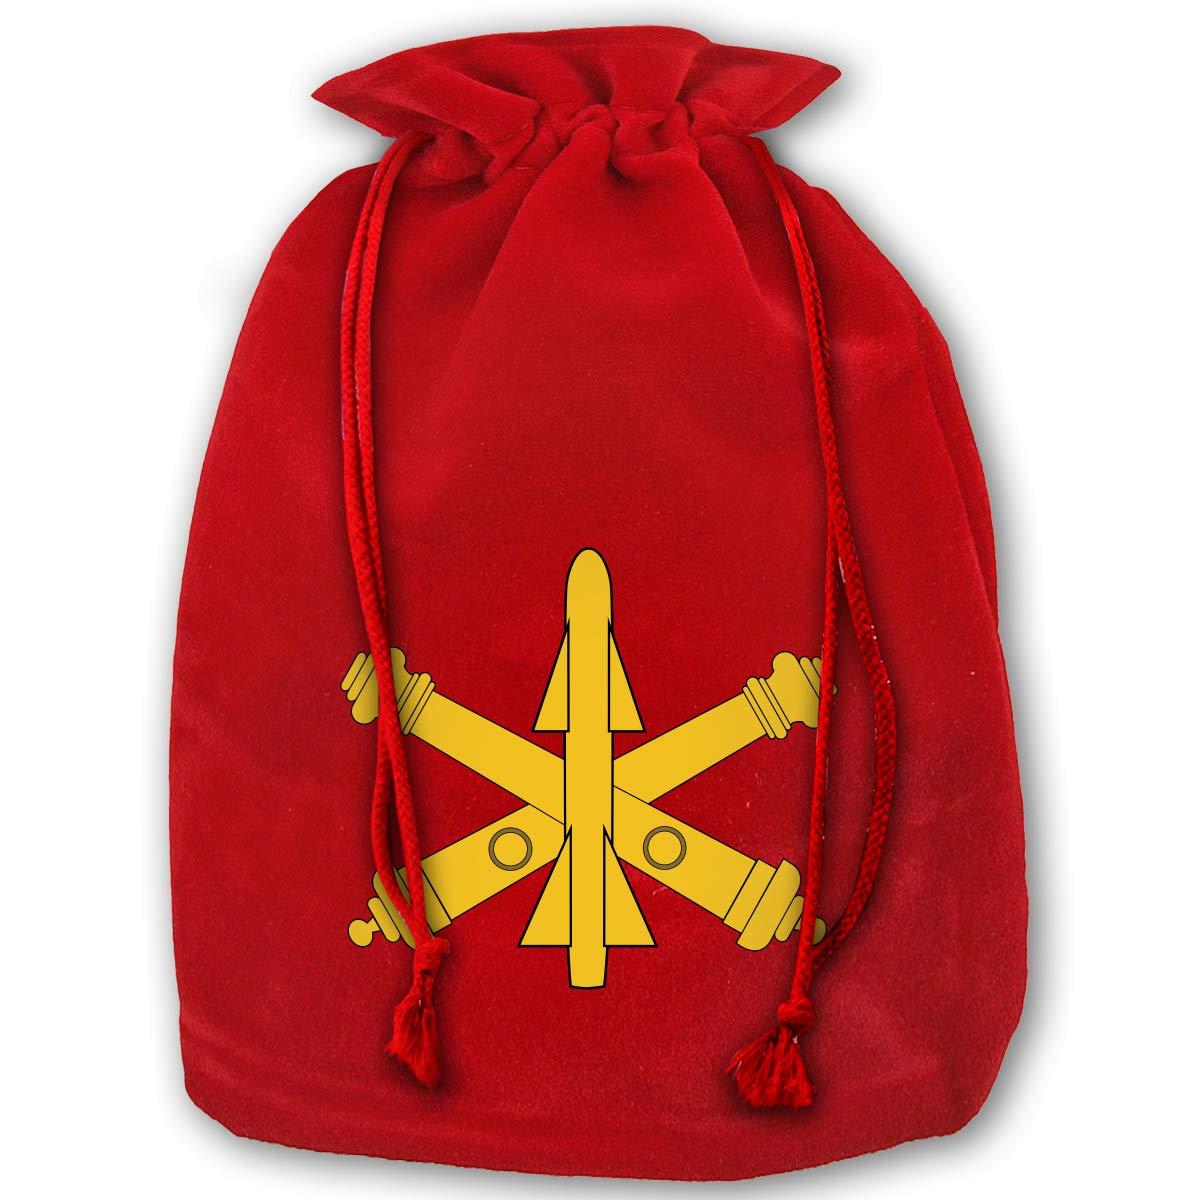 Amazon.com: NYSOUVENIRS Bag Army Aviation Branch Insignia.